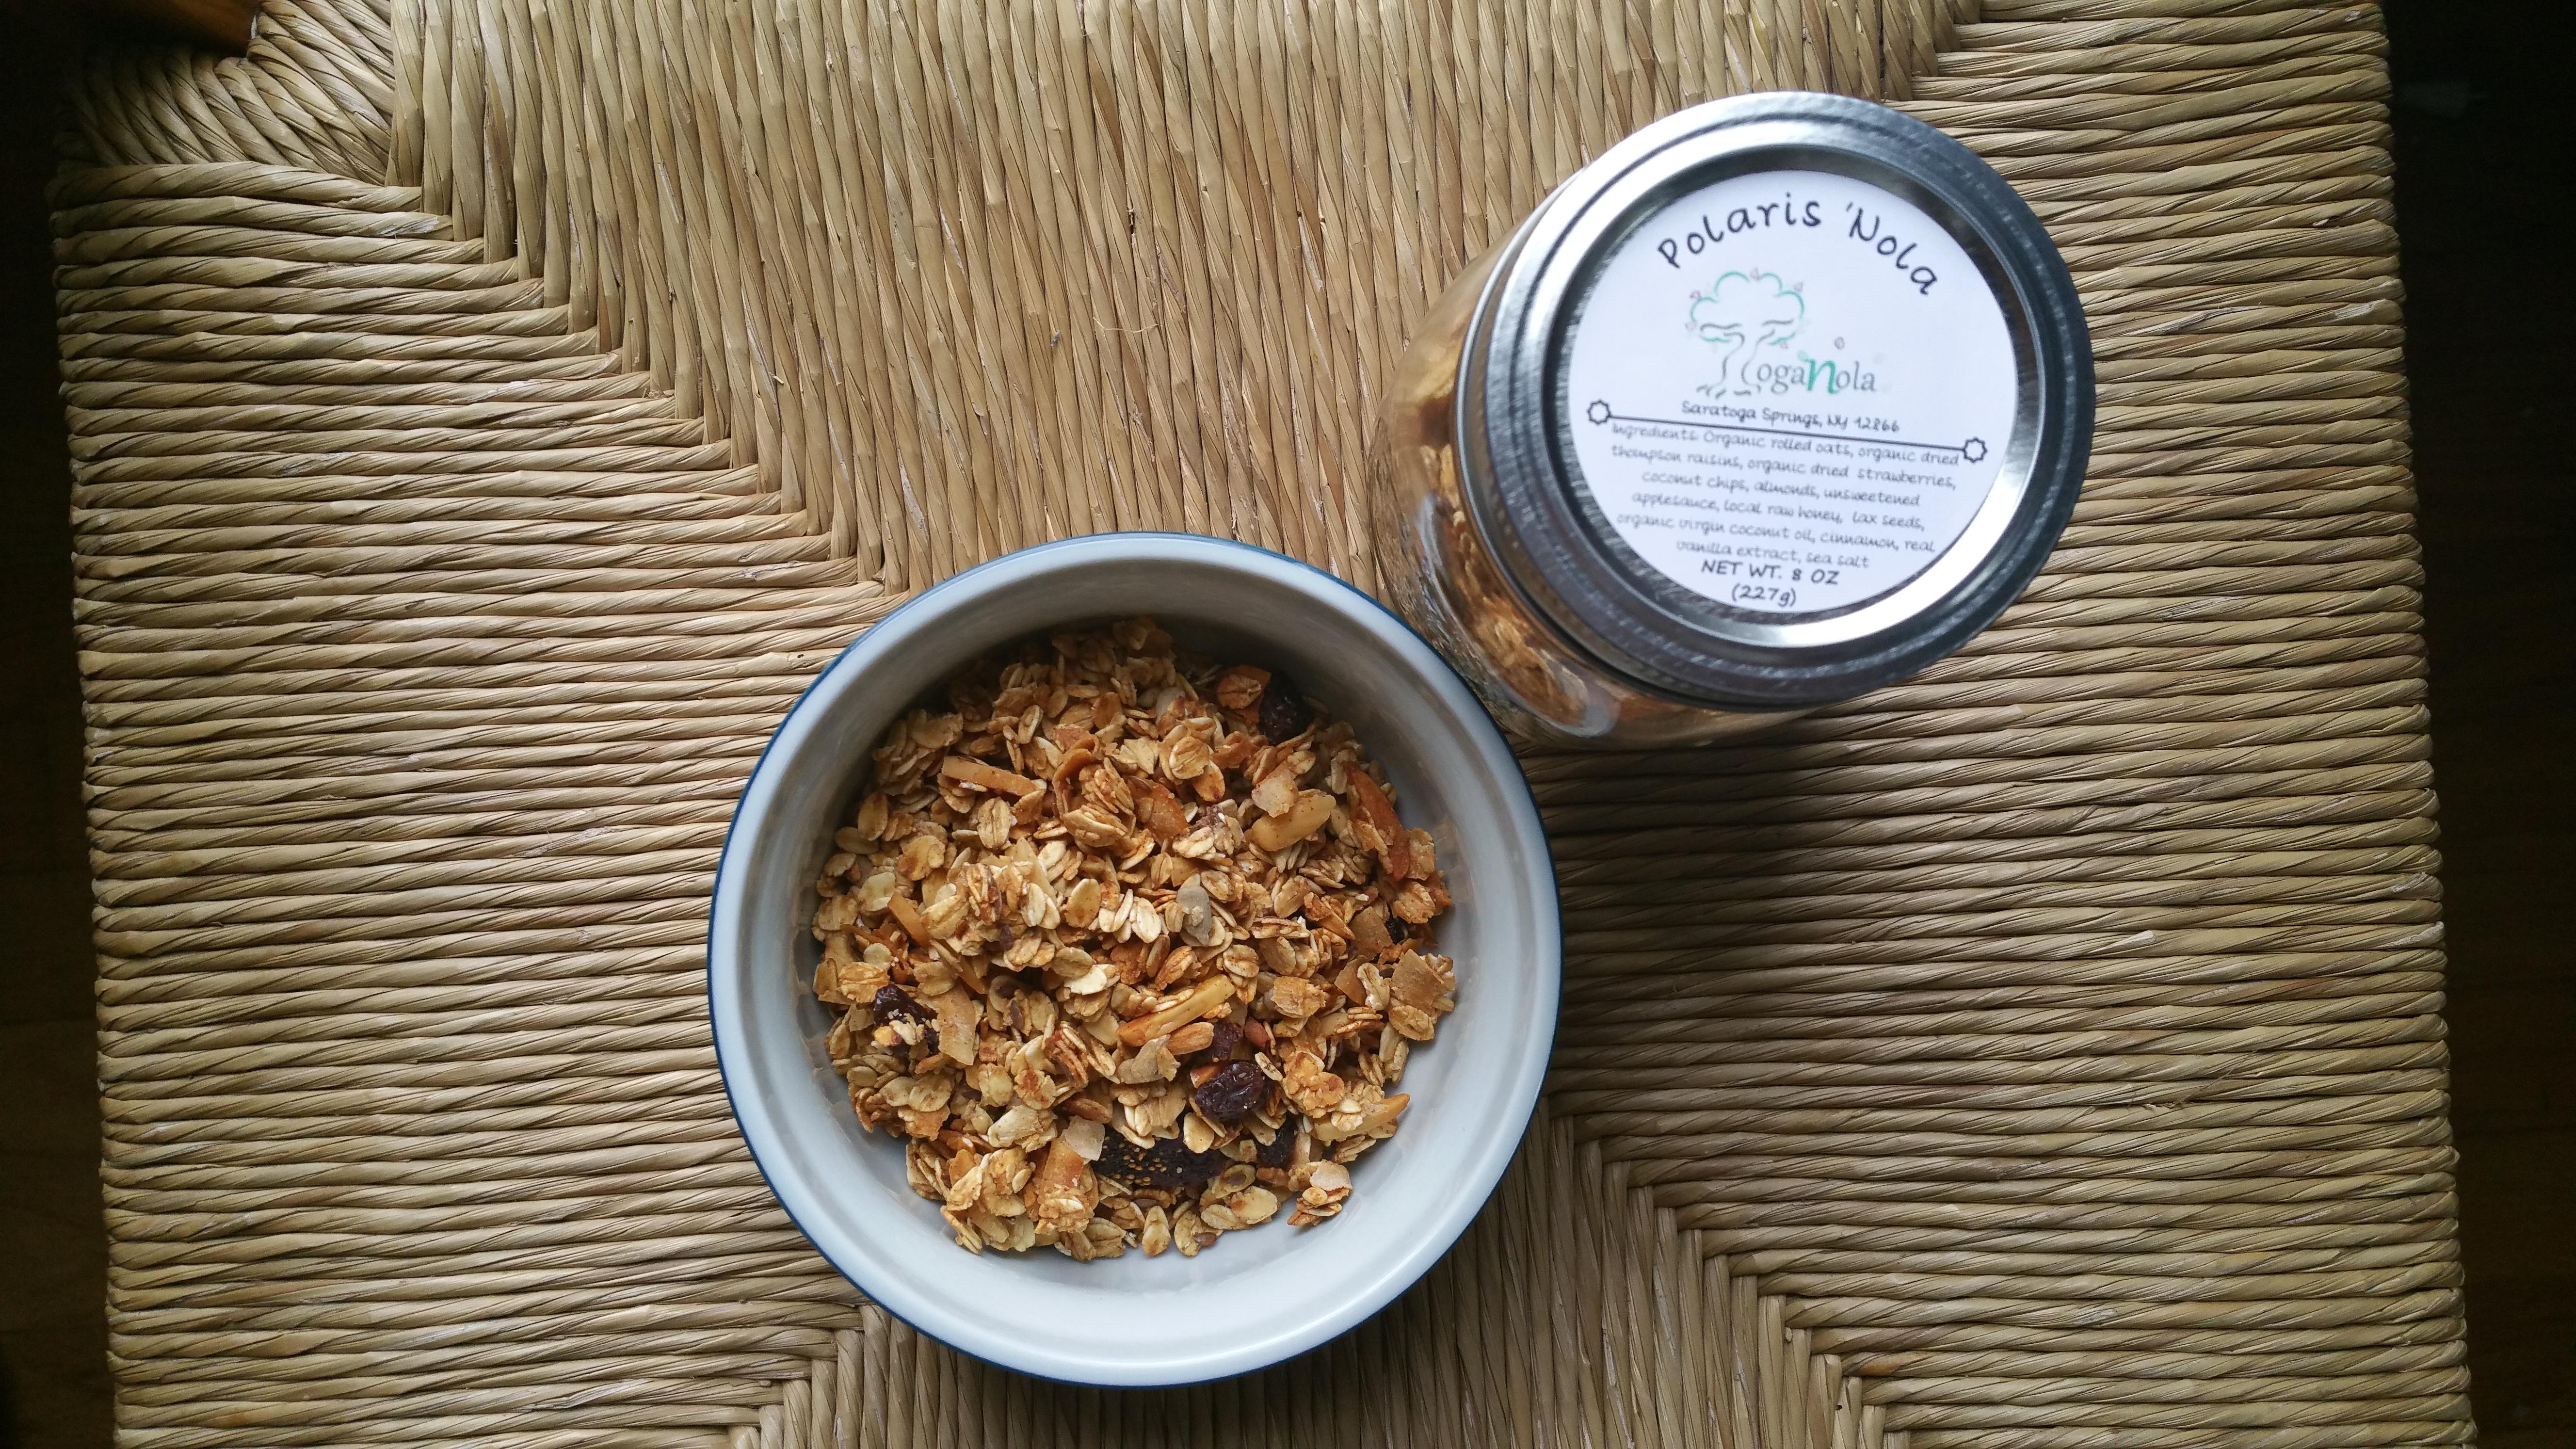 Product Review: Toga Nola | Saratoga Food Fanatic